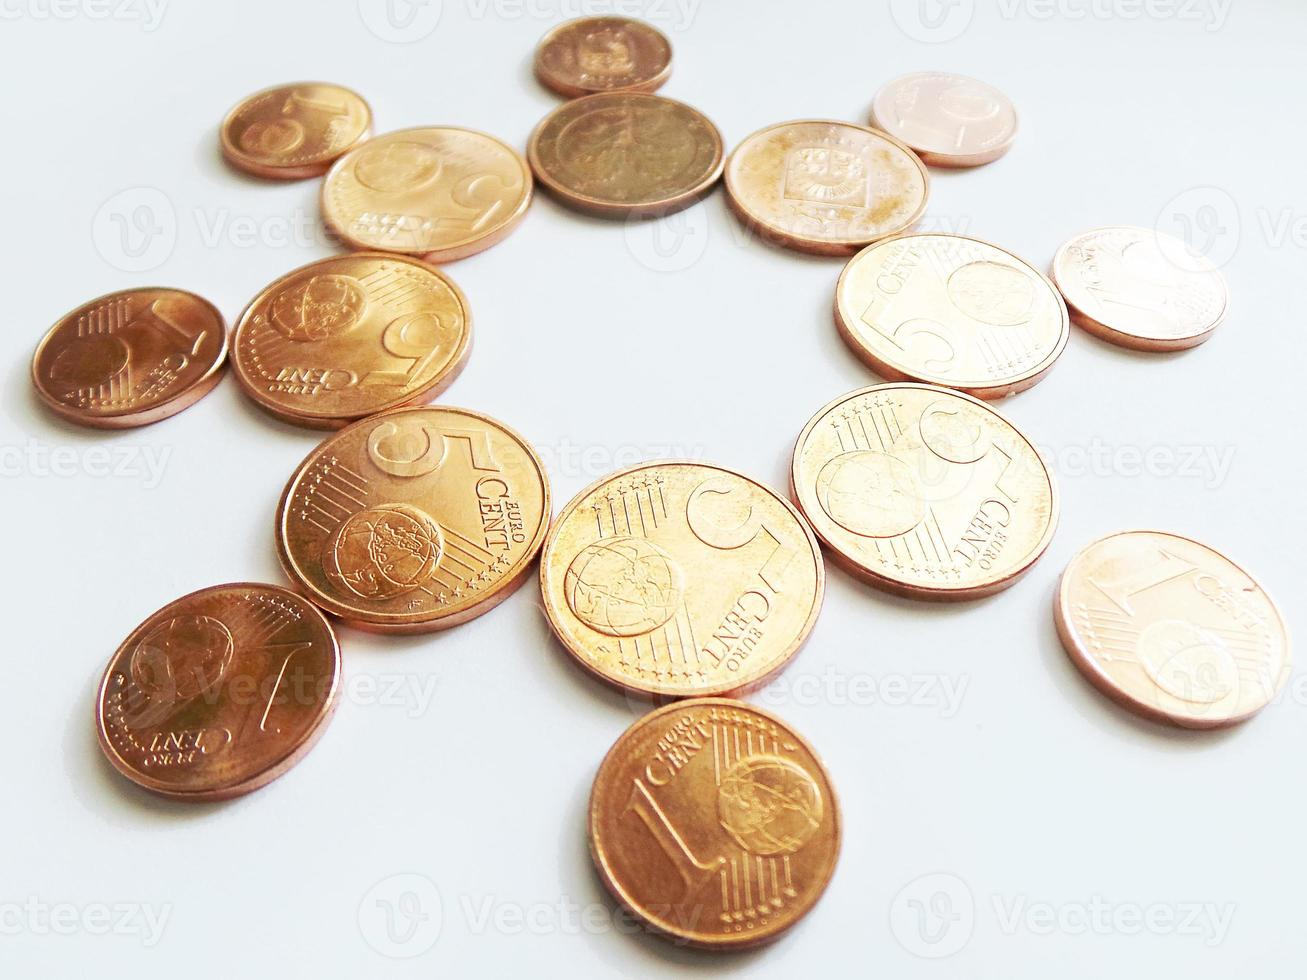 Geld Sonne - Kupfer Euro Münzen foto